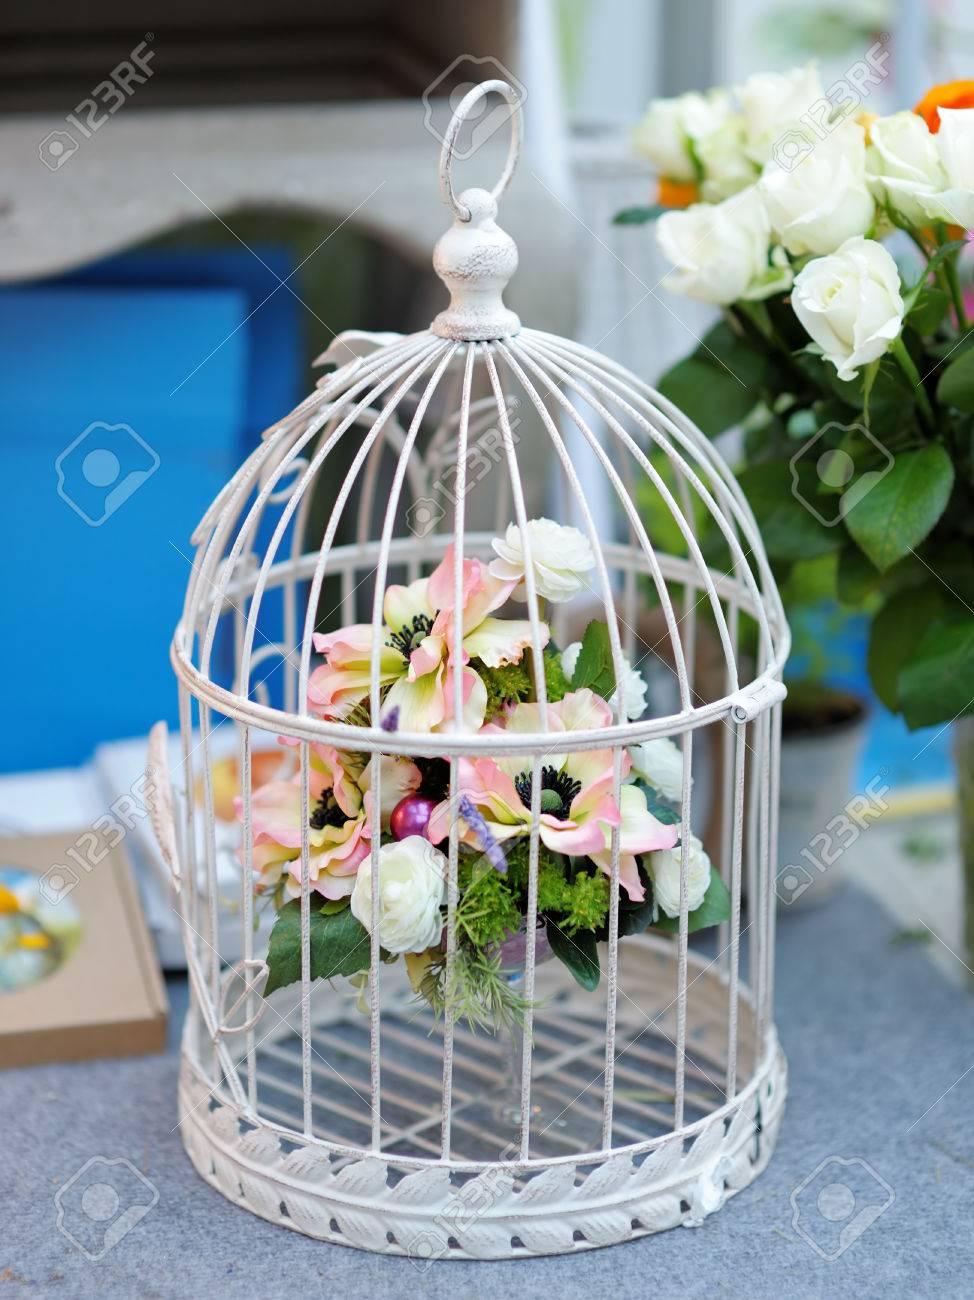 Weisser Kafig Mit Blumen Als Dekoration Auf Hochzeit Lizenzfreie